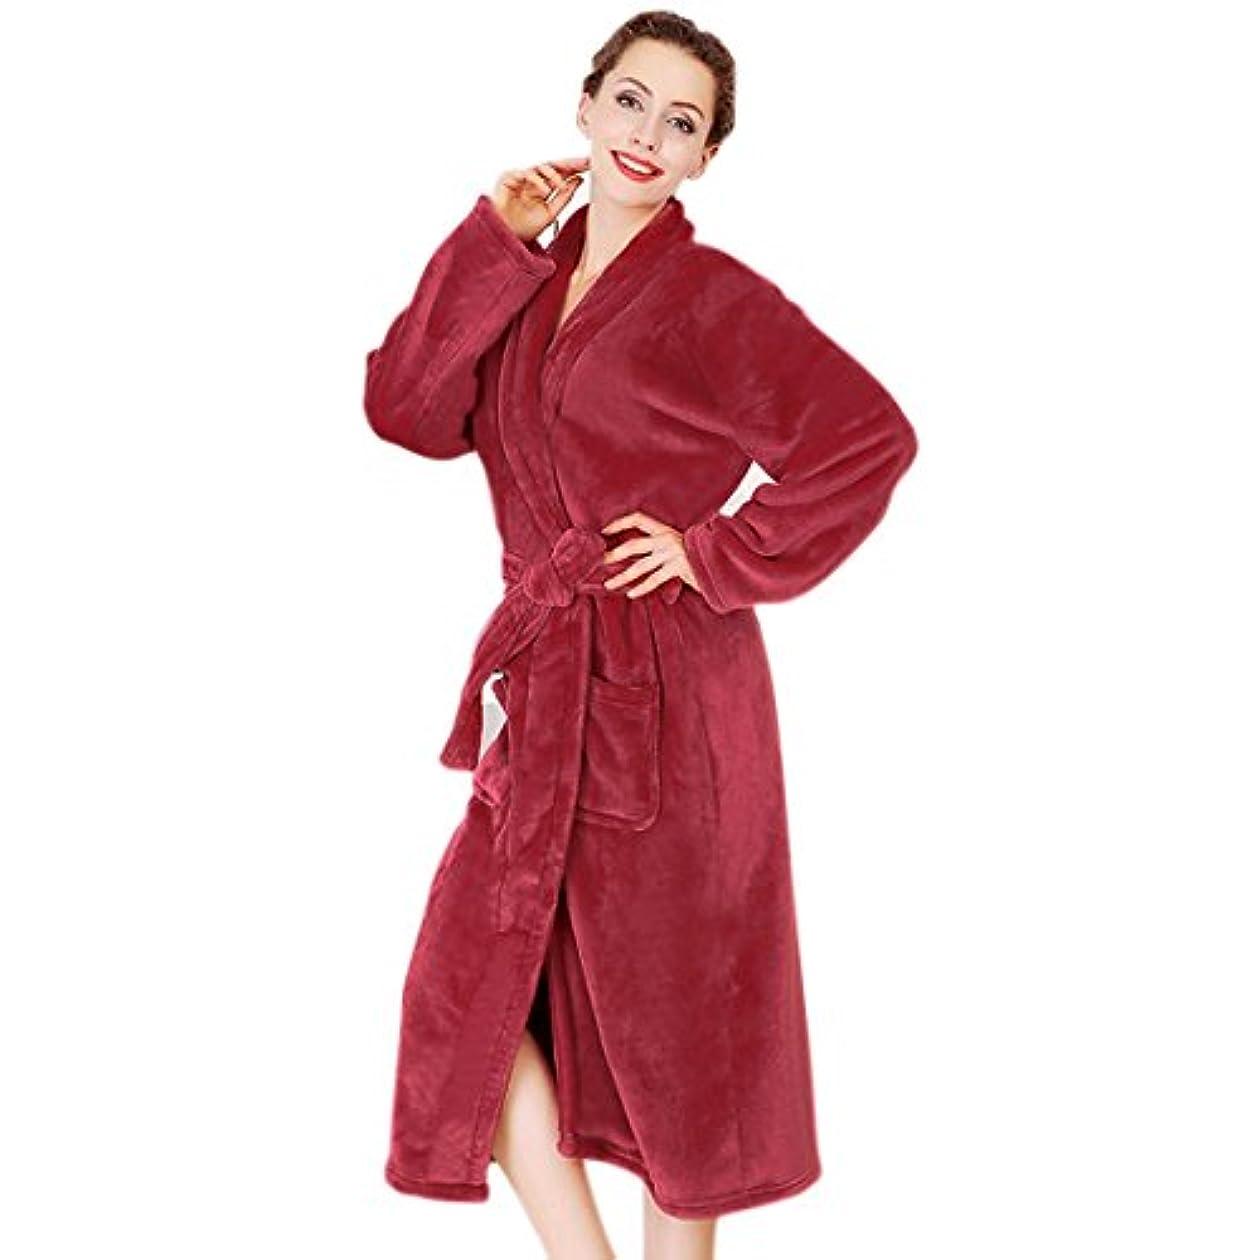 ラケットビデオ甘い(Baoxinjp)メンズ レディース パジャマ バスローブ カップル ガウン 部屋着 寝巻き 可愛い 人気 長袖 お風呂上り 男女兼用 新婚祝い ルームウエア フリーサイズ